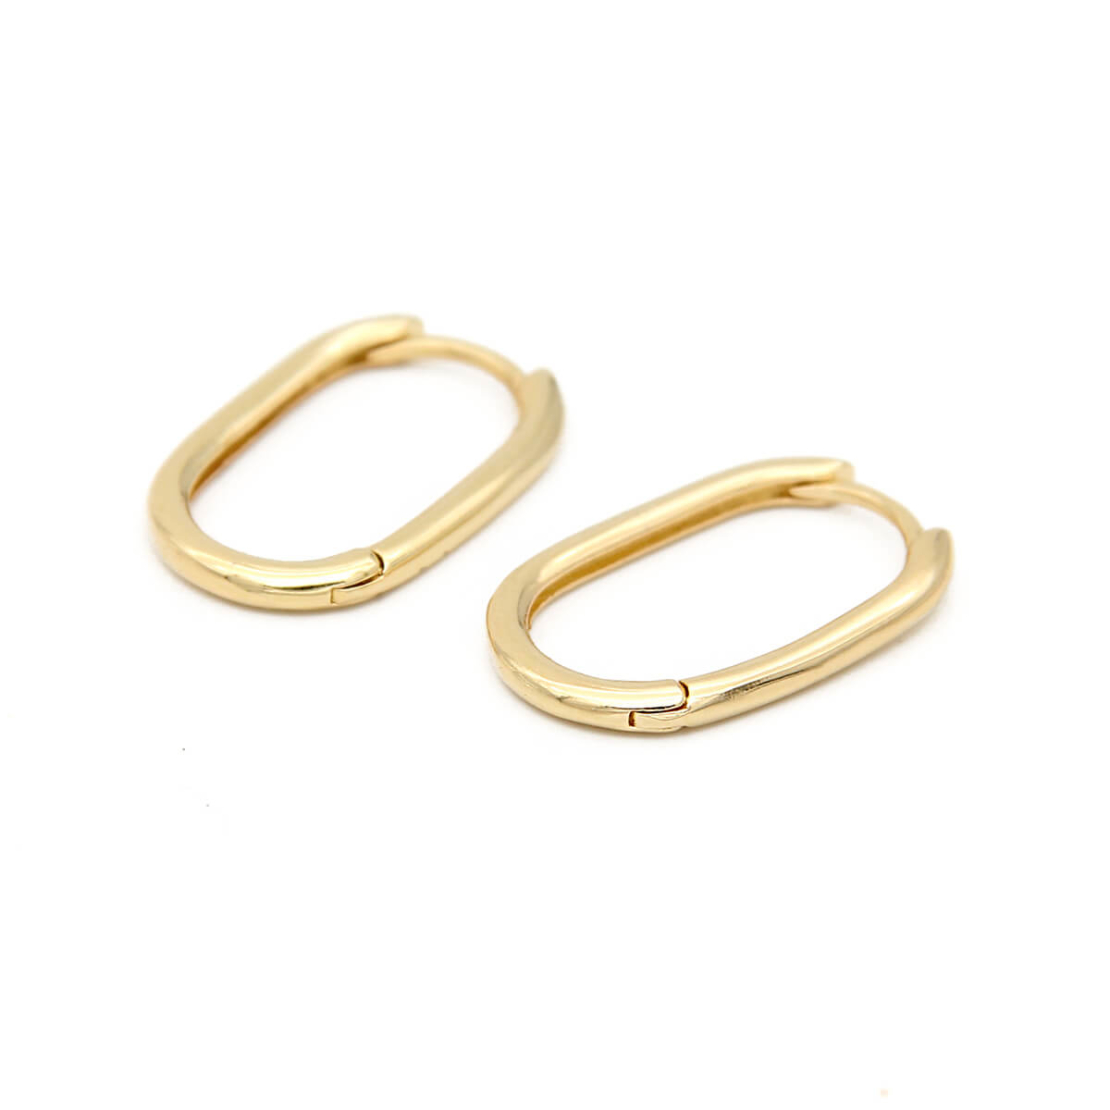 סט עגילים - SHELLY - כסף 925 בציפוי זהב מיקרוני